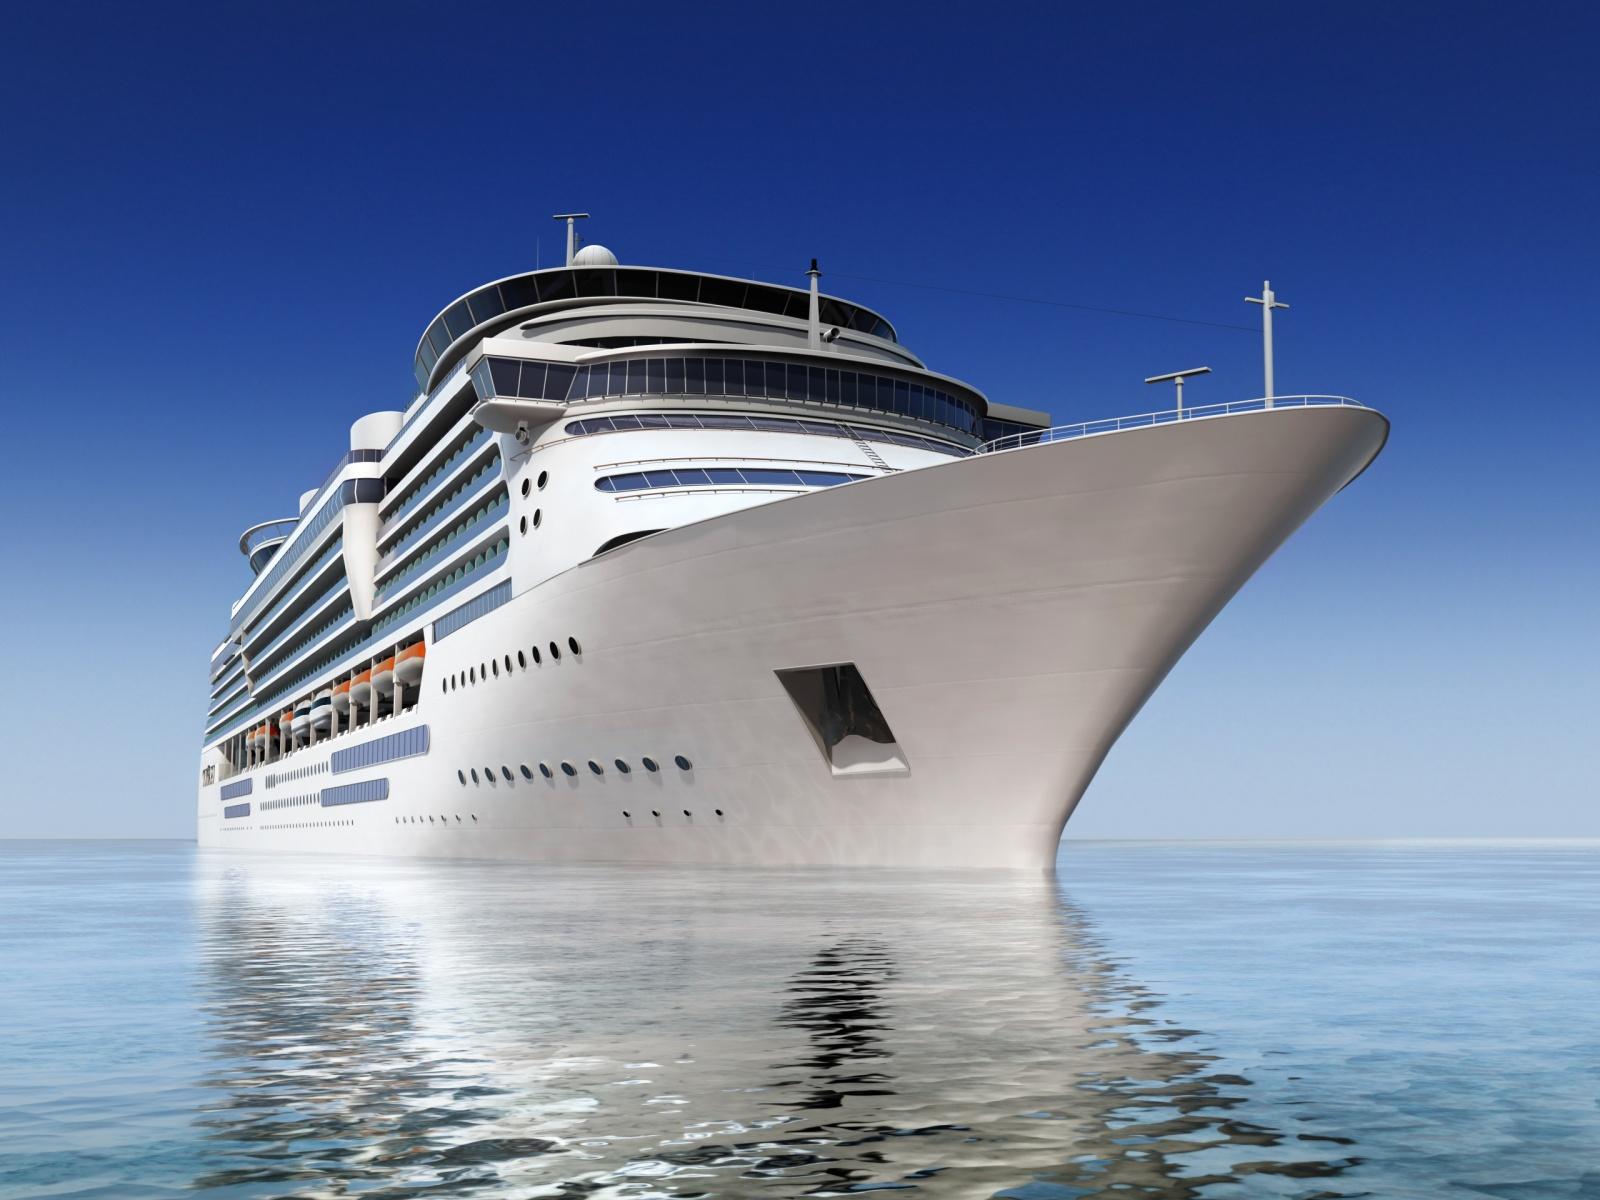 красивый корабль в море, фото кораблей, фрегат